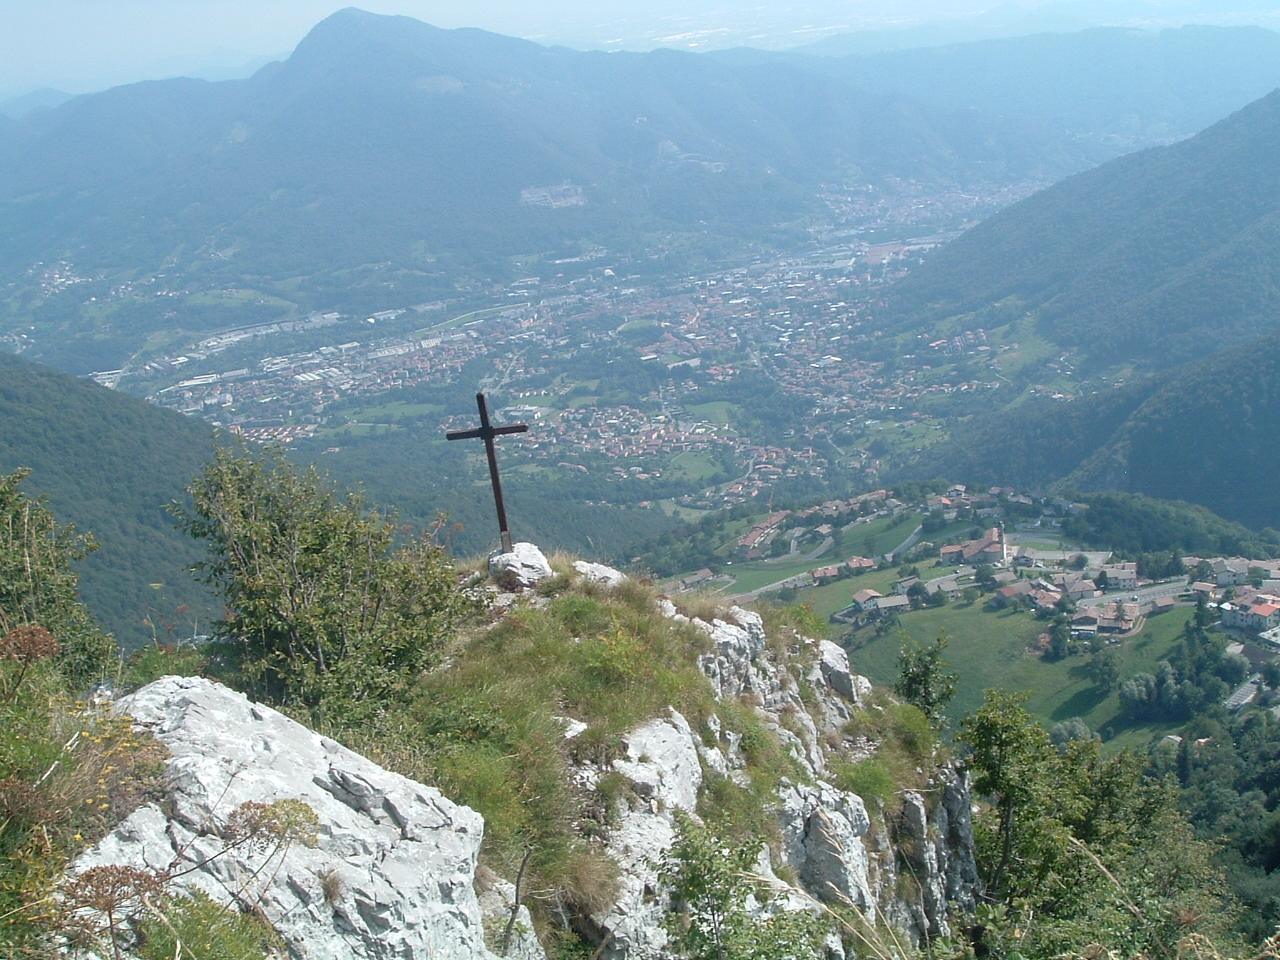 La croce sulla Cornagera, Altopiano di Aviatico, dall'alto il paesino di Amora